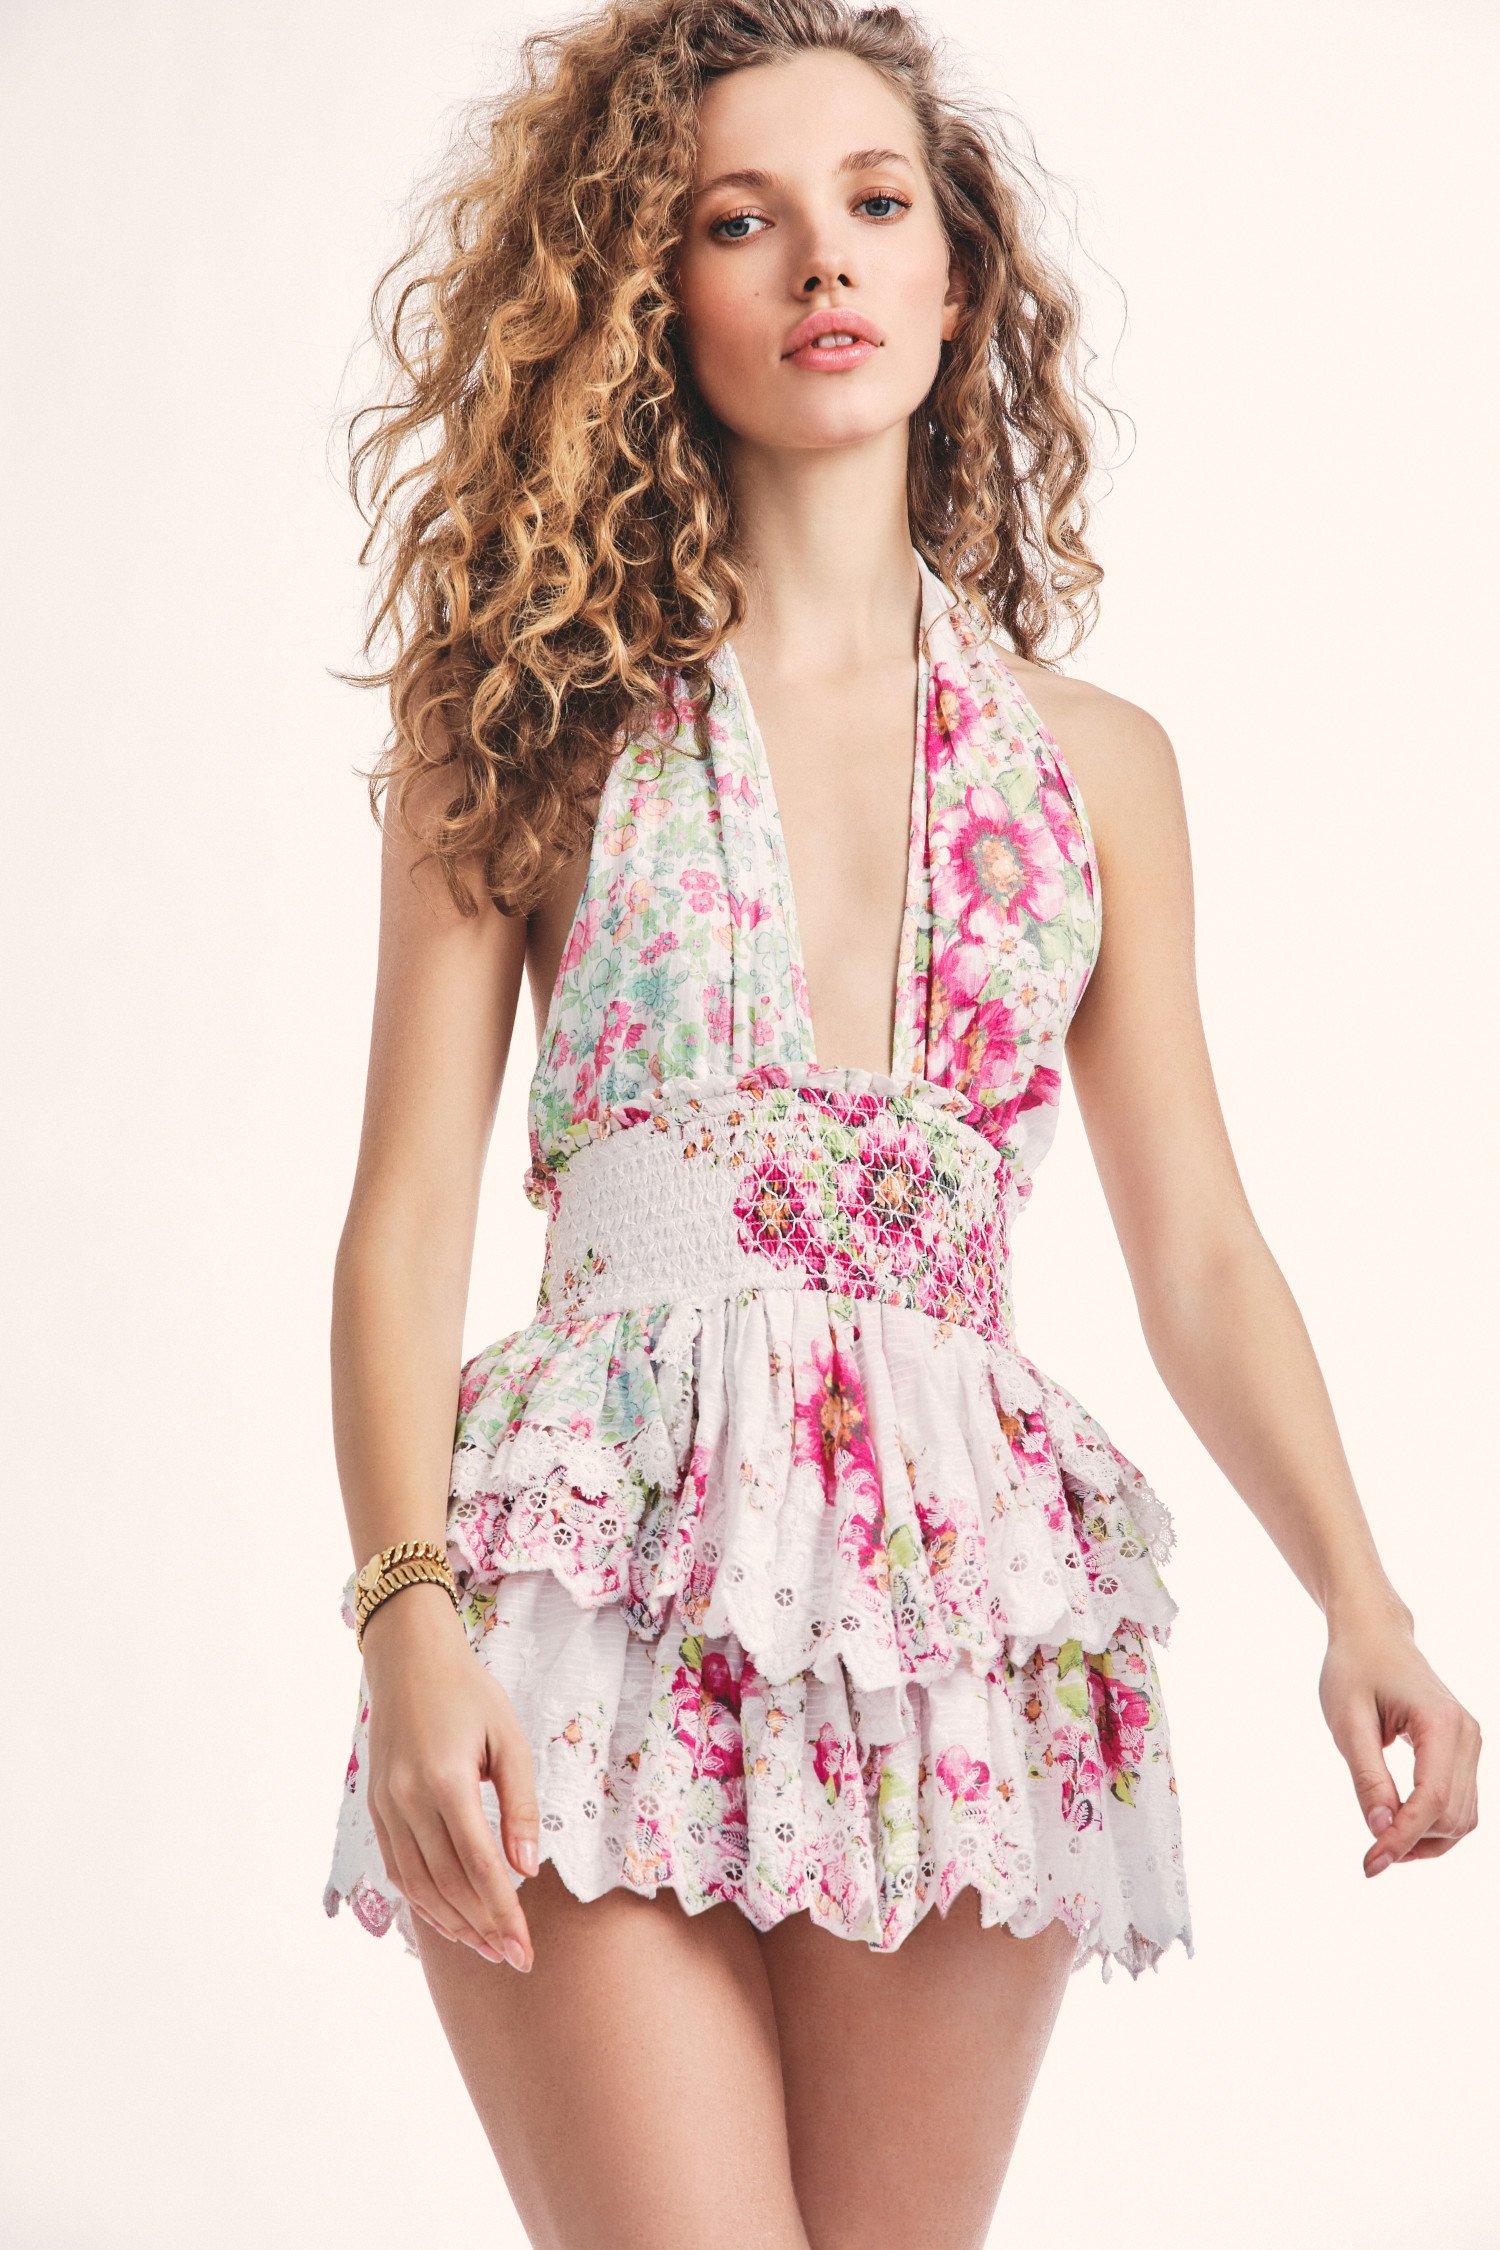 Deanna Halter Mini Dress $425